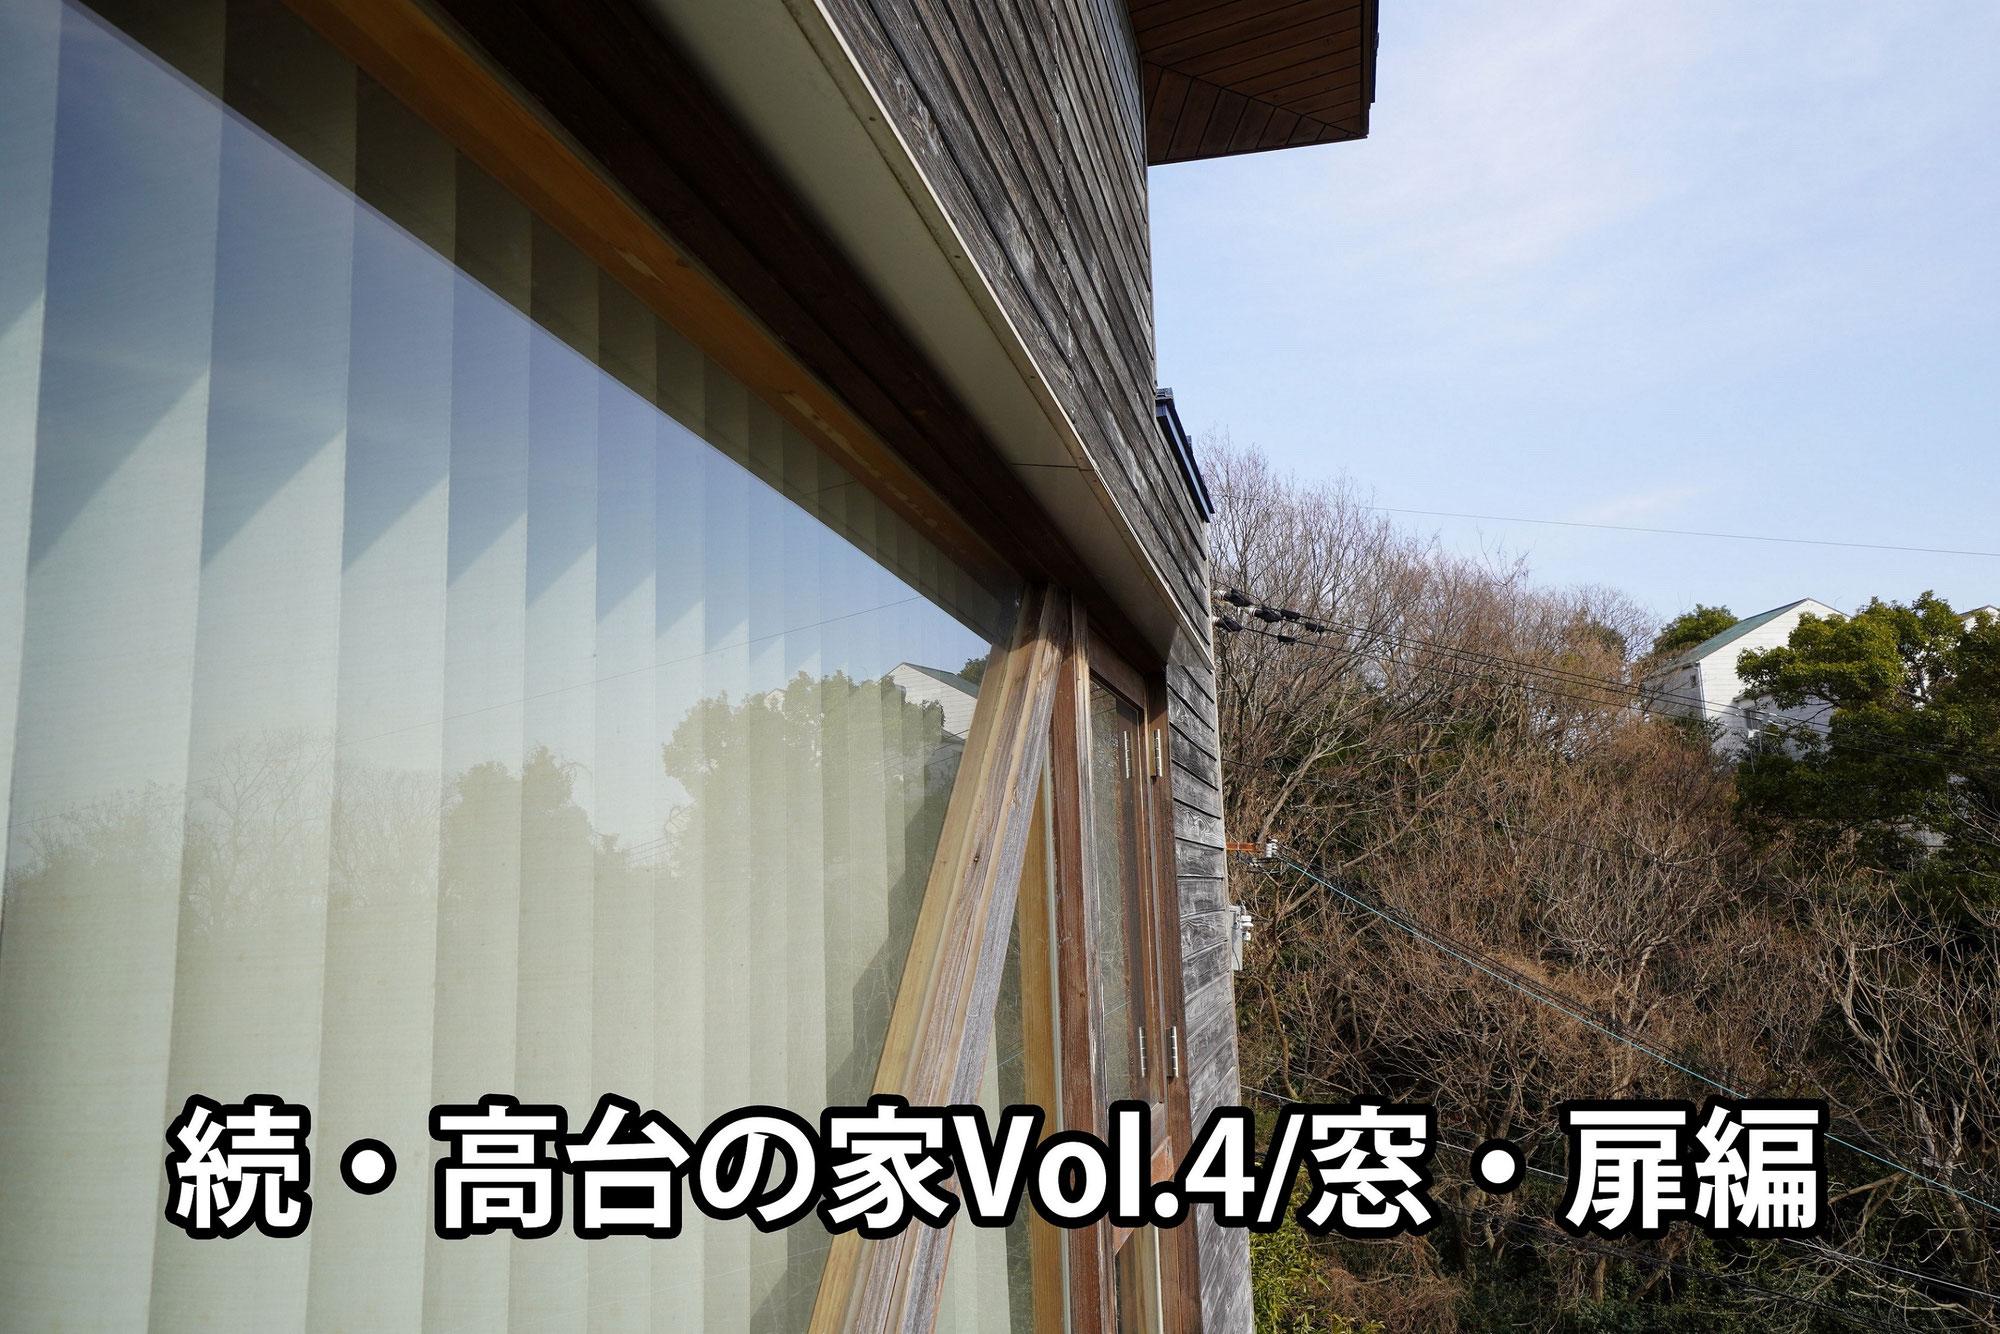 『続・高台の家Vol.4』YouTube配信第4弾